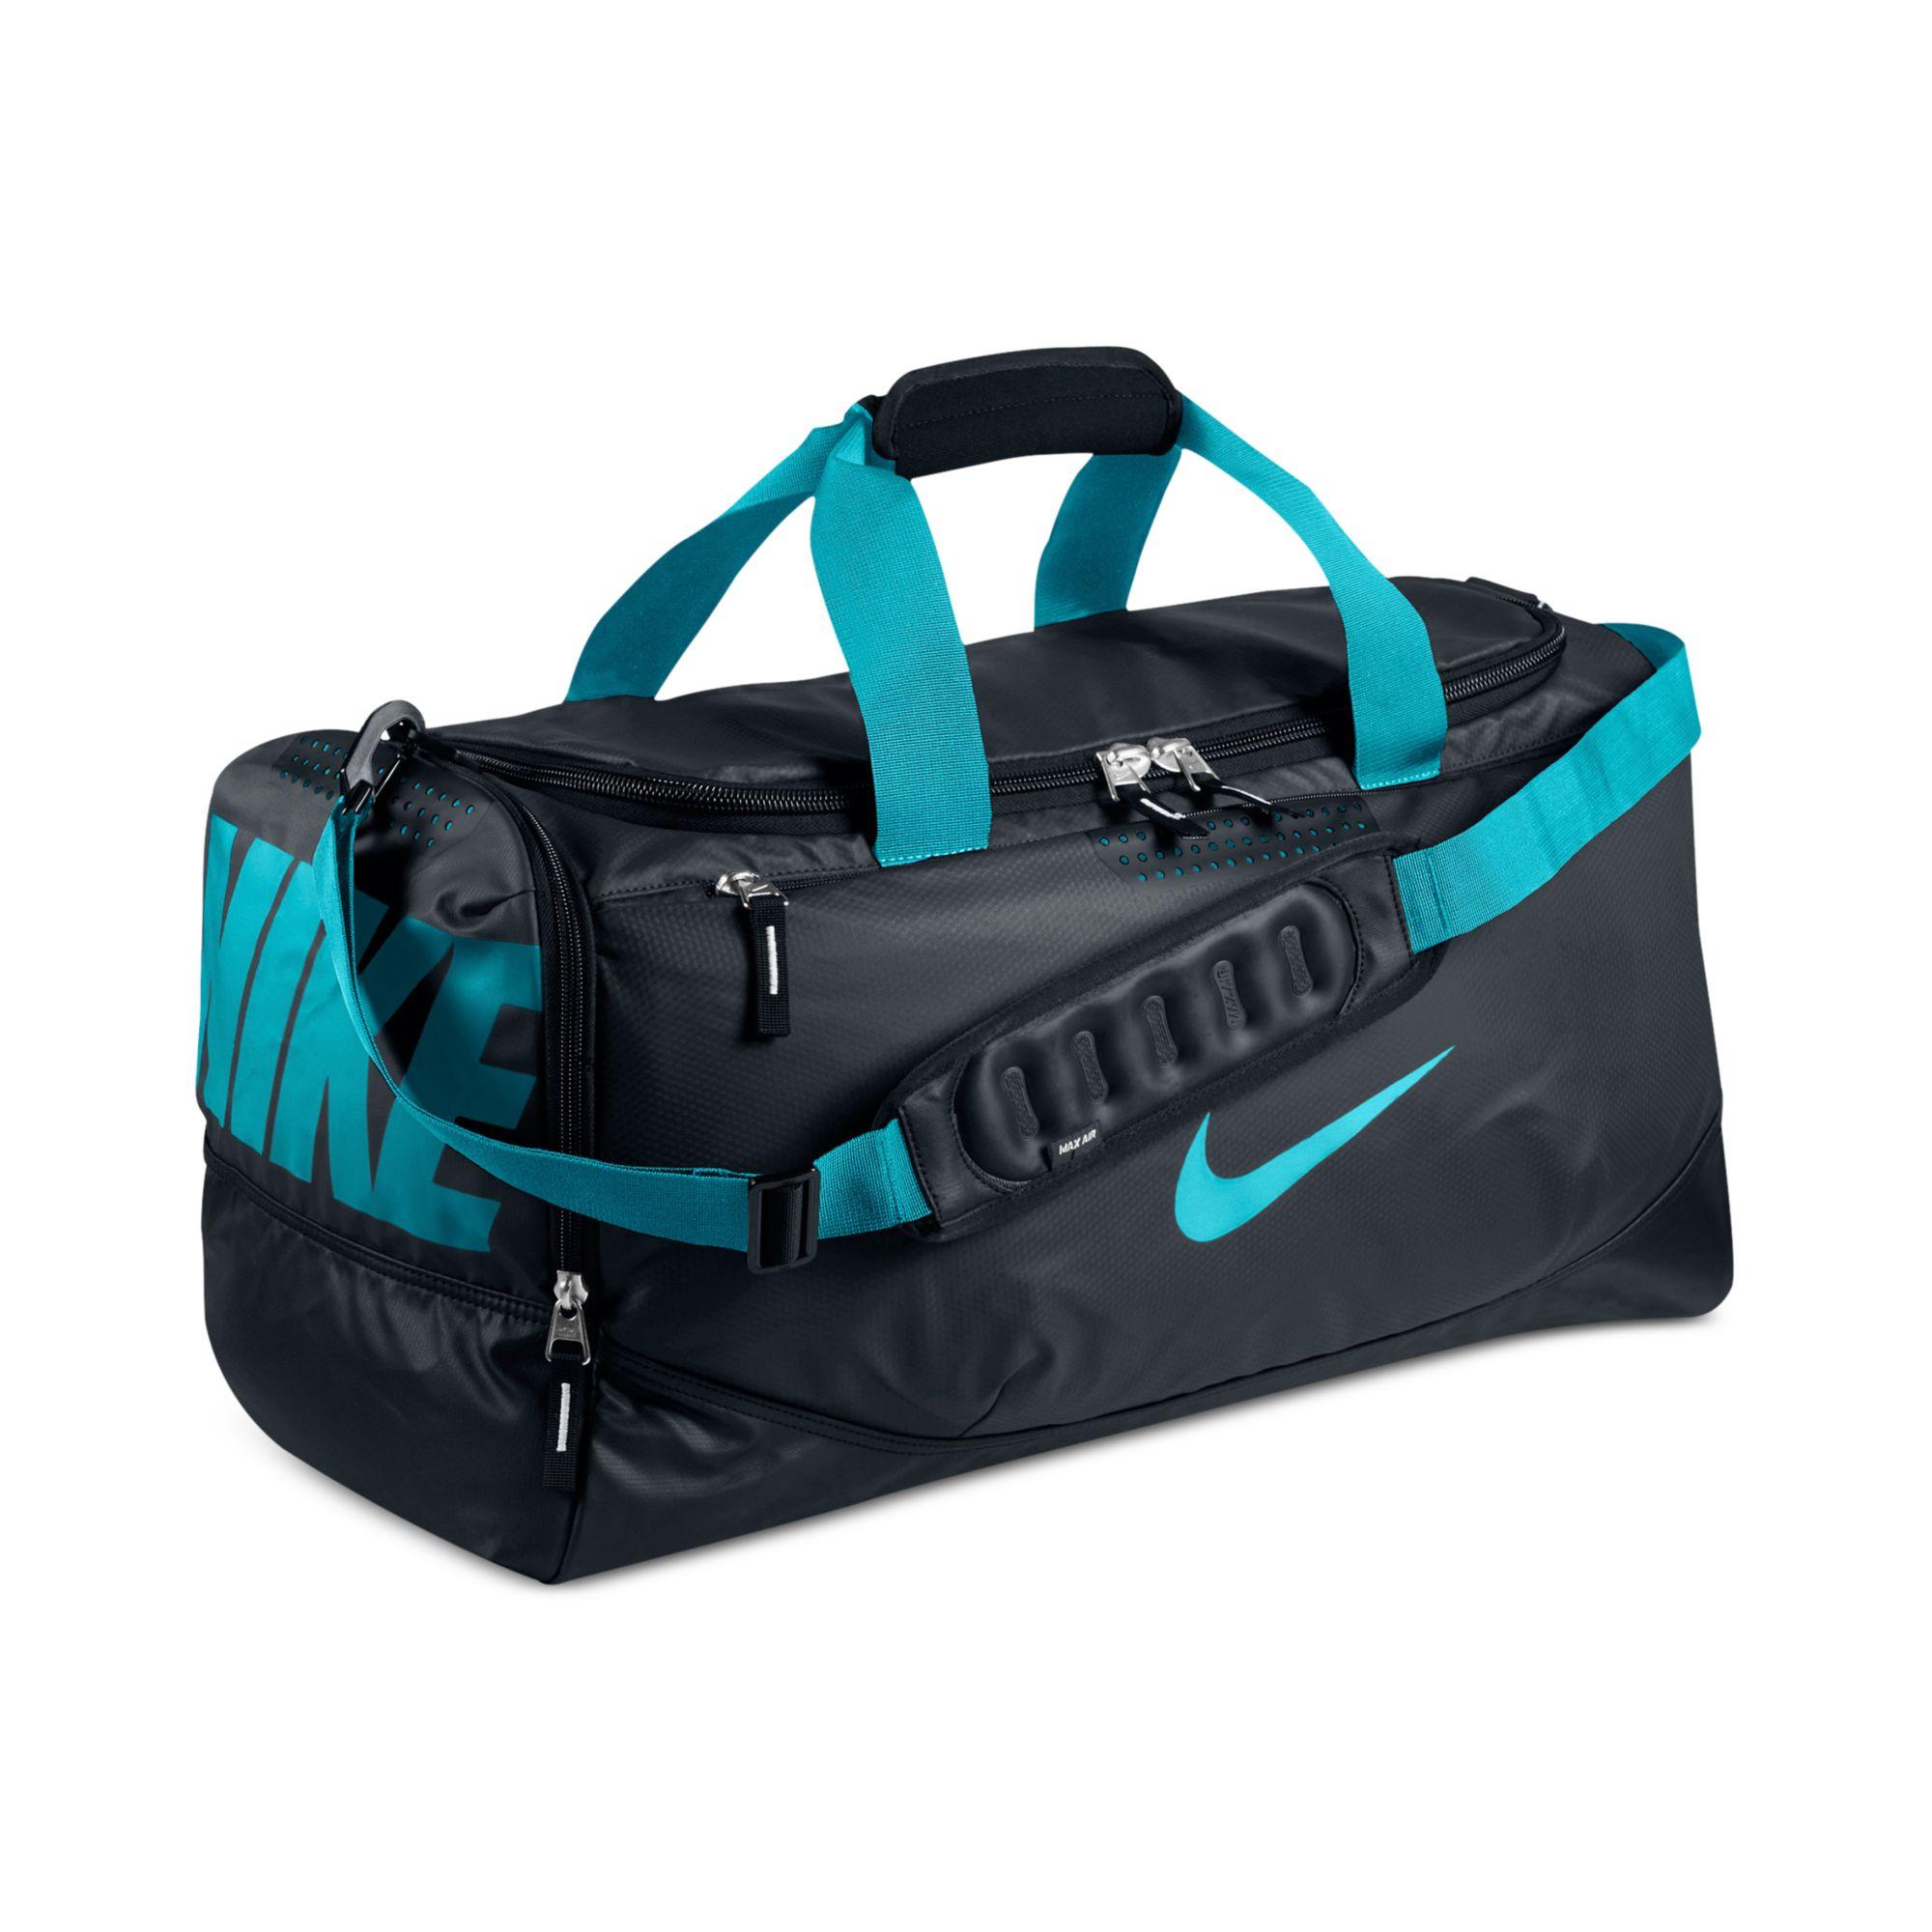 b33a5b056a Lyst - Nike Water Resistant Team Training Medium Duffle Bag in Blue ...